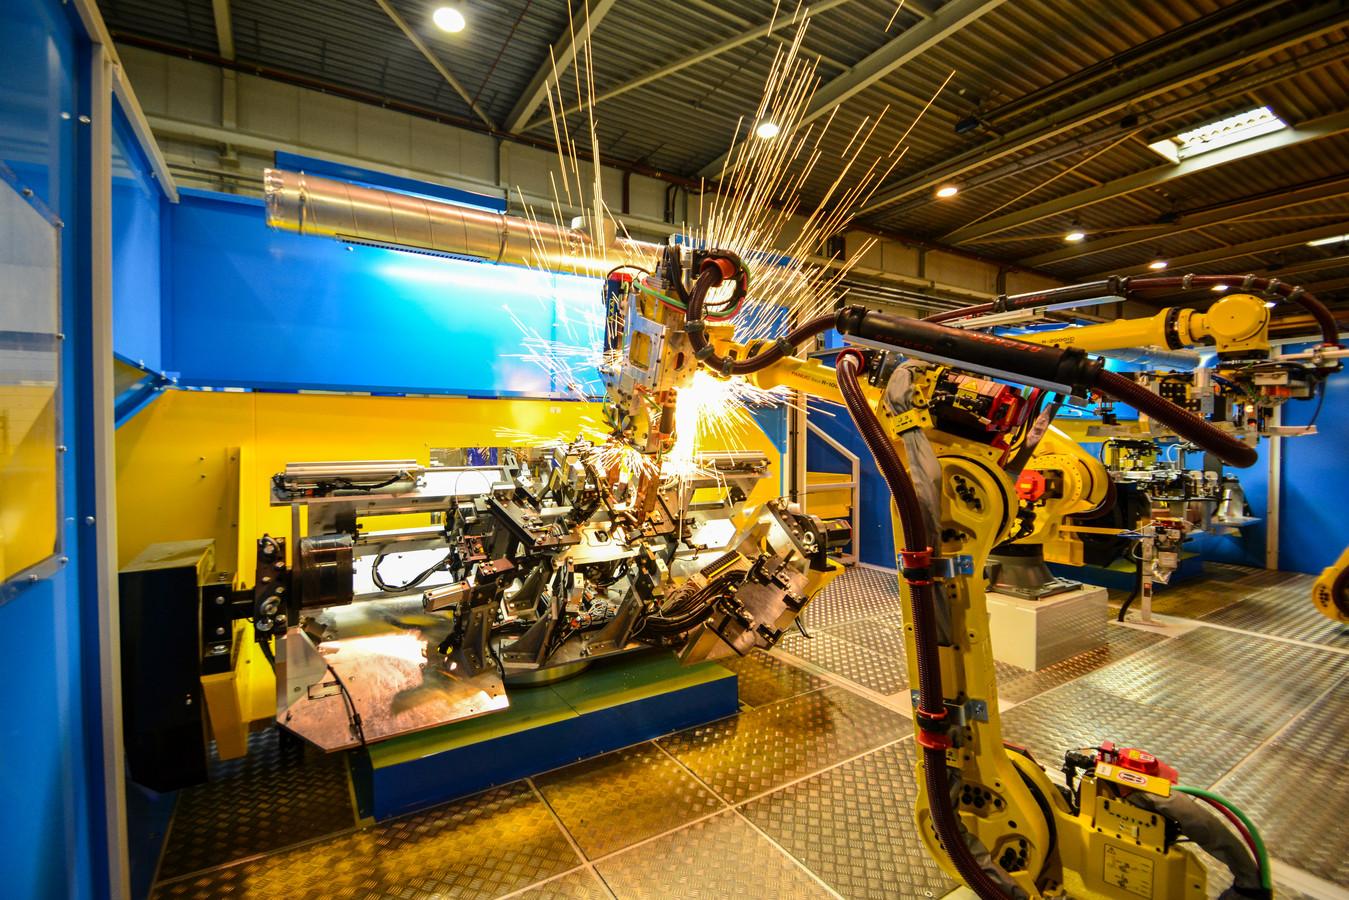 Lasrobot van het Harderwijkse bedrijf AWL, een van de succesvolle hightech-bedrijven in Oost-Nederland.